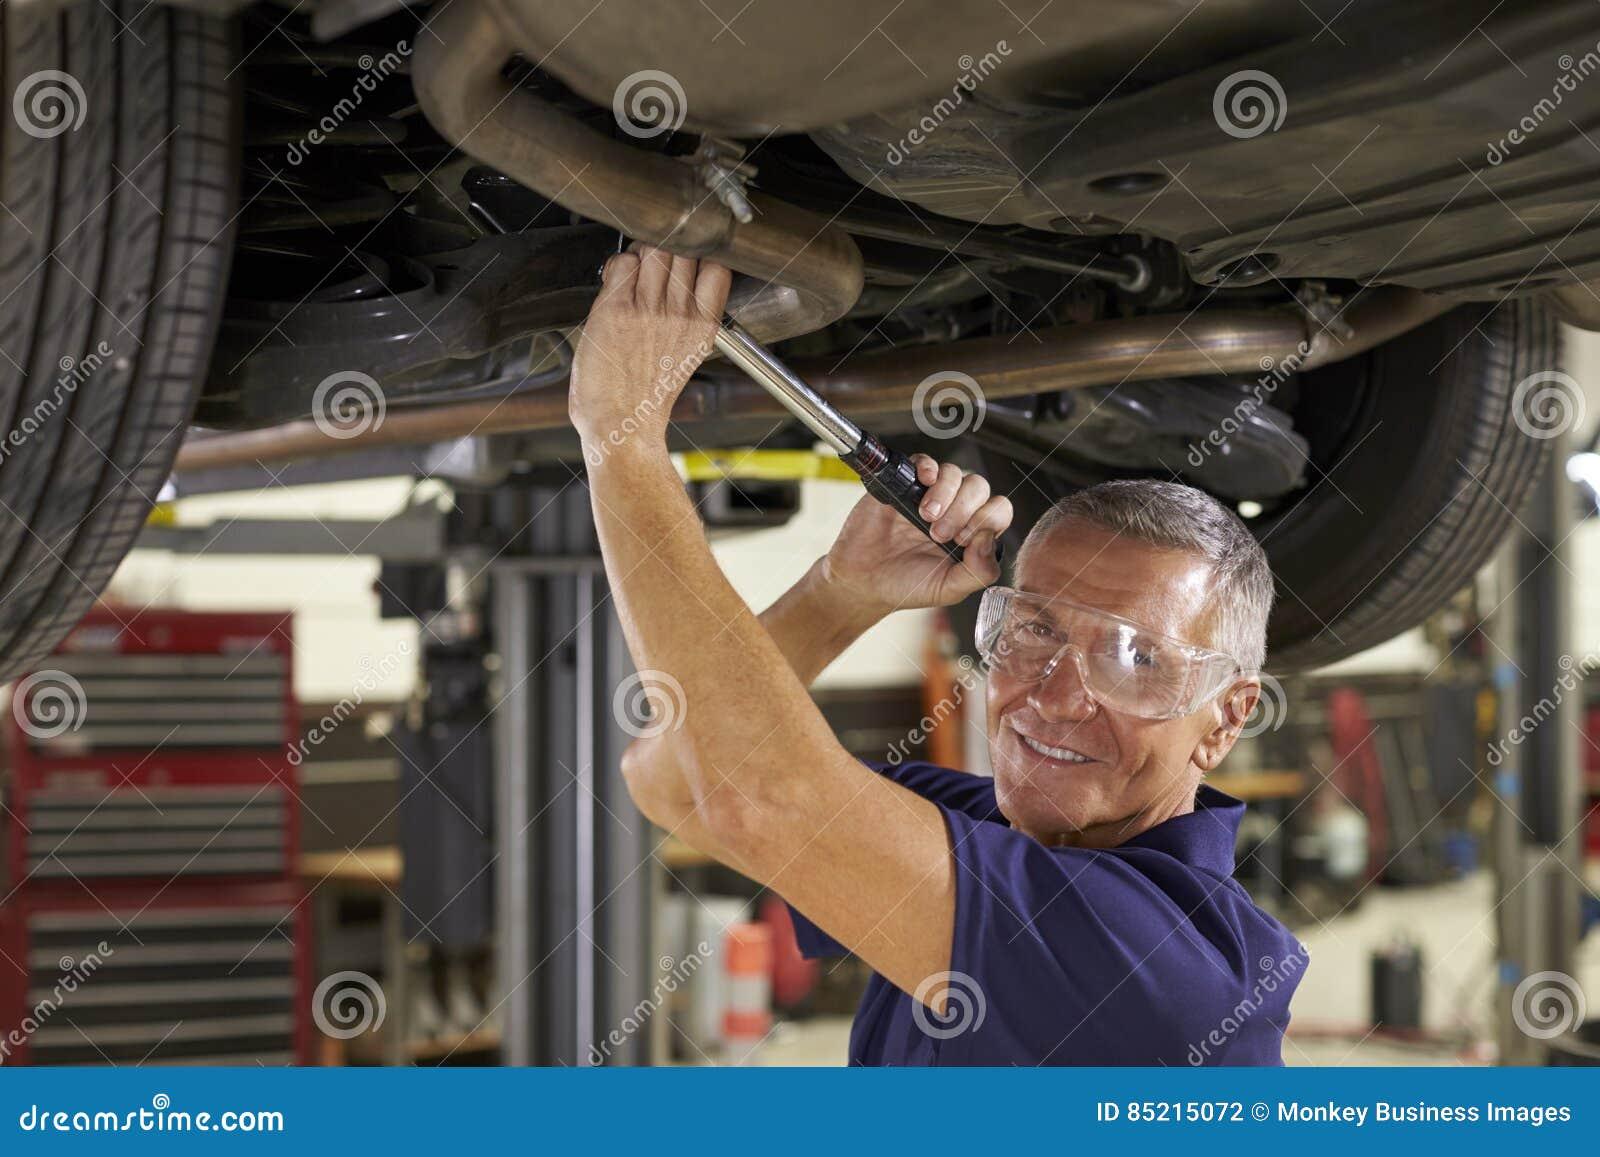 Retrato del mecánico de automóviles Working Underneath Car en garaje